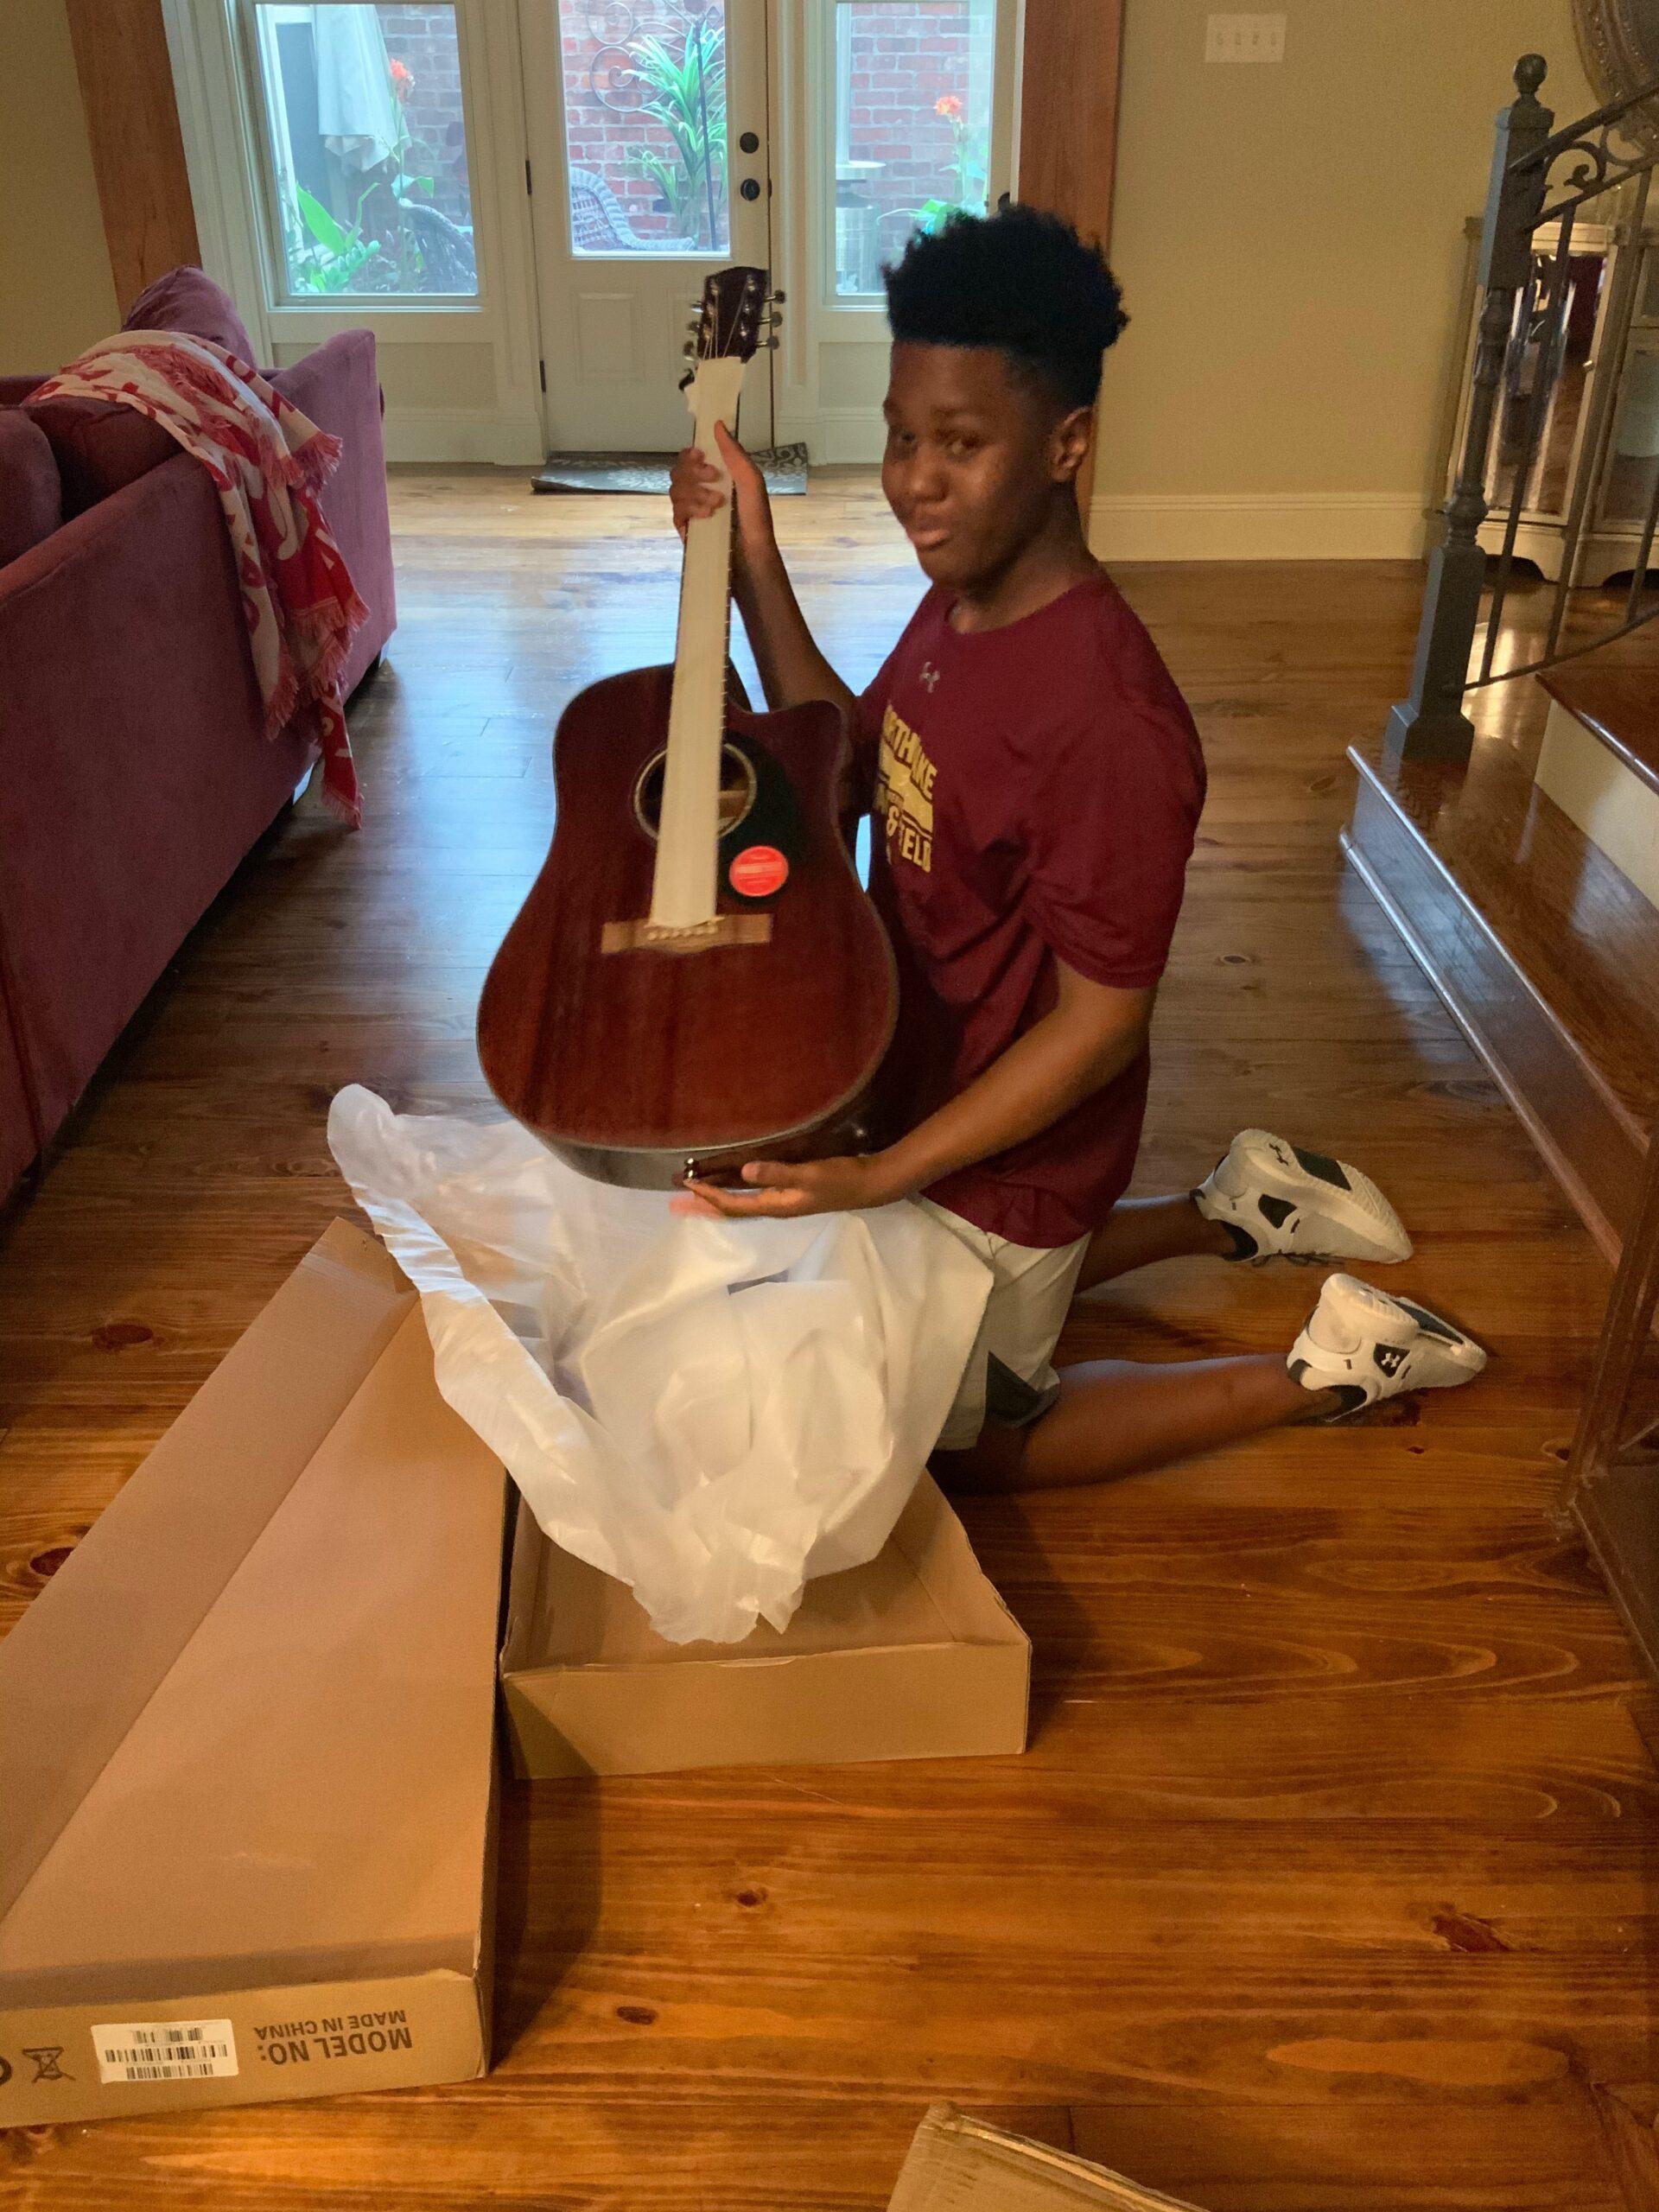 Elijah Jackson unwraps his new Fender acoustic guitar.